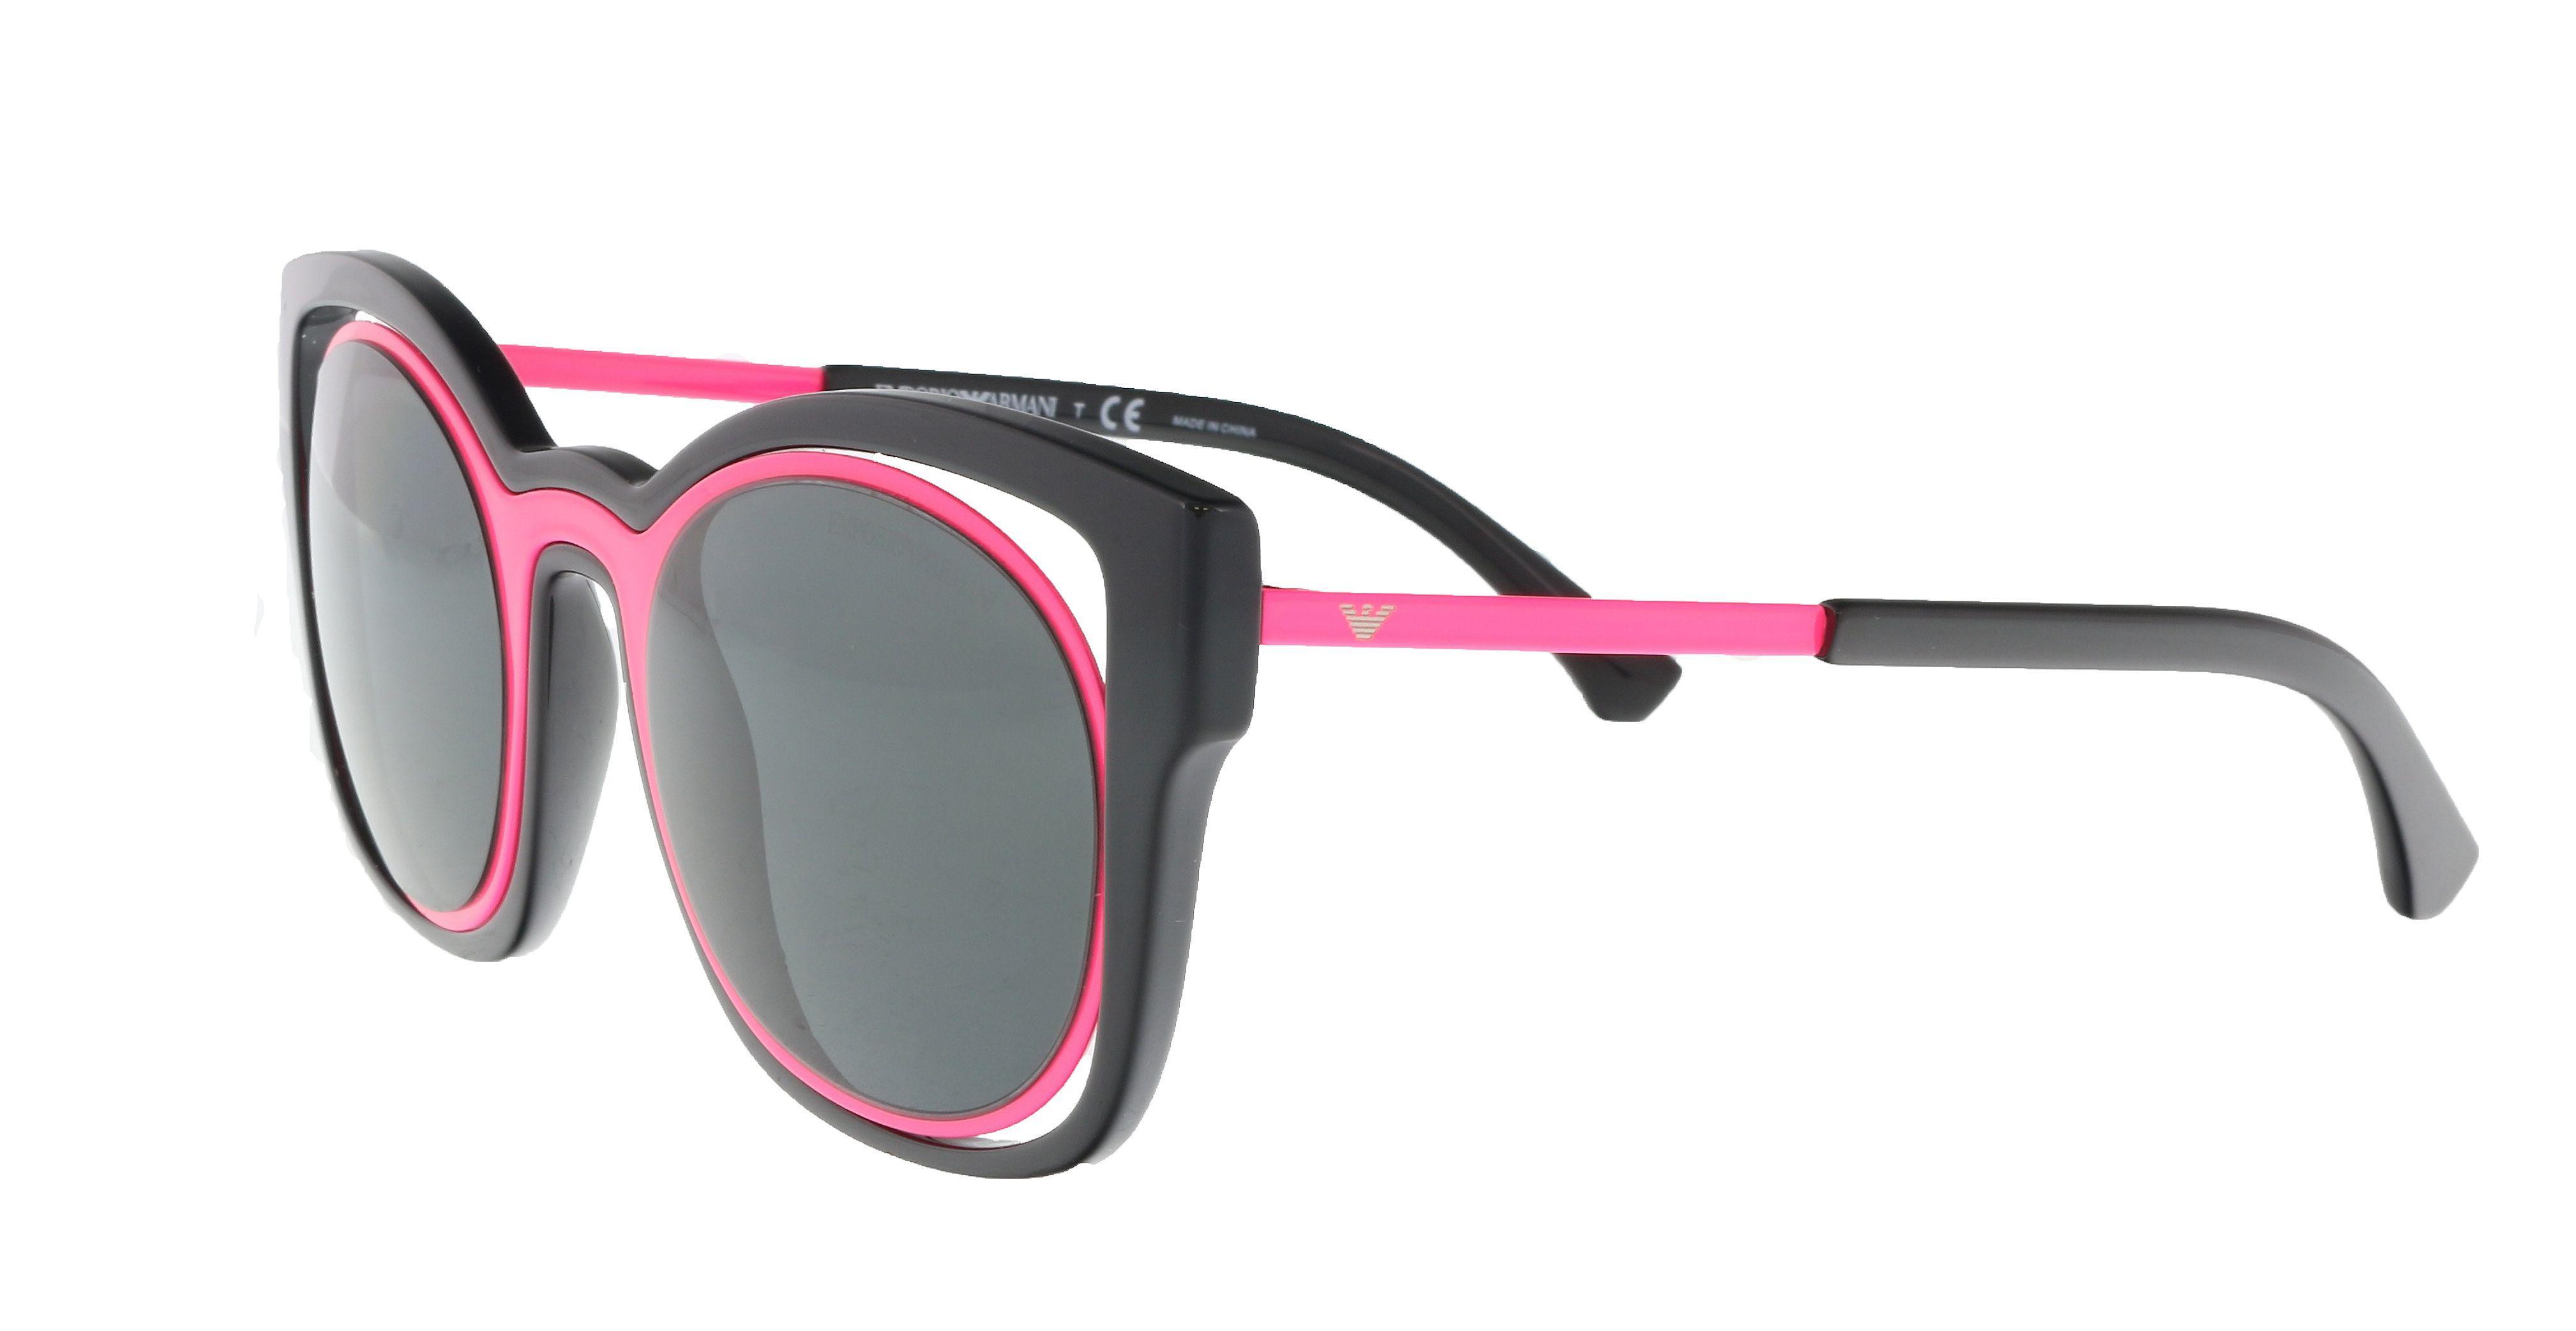 bcce4e7f18c Lyst - Emporio Armani Ea4091 558987 Black magenta Cat Eye Sunglasses ...